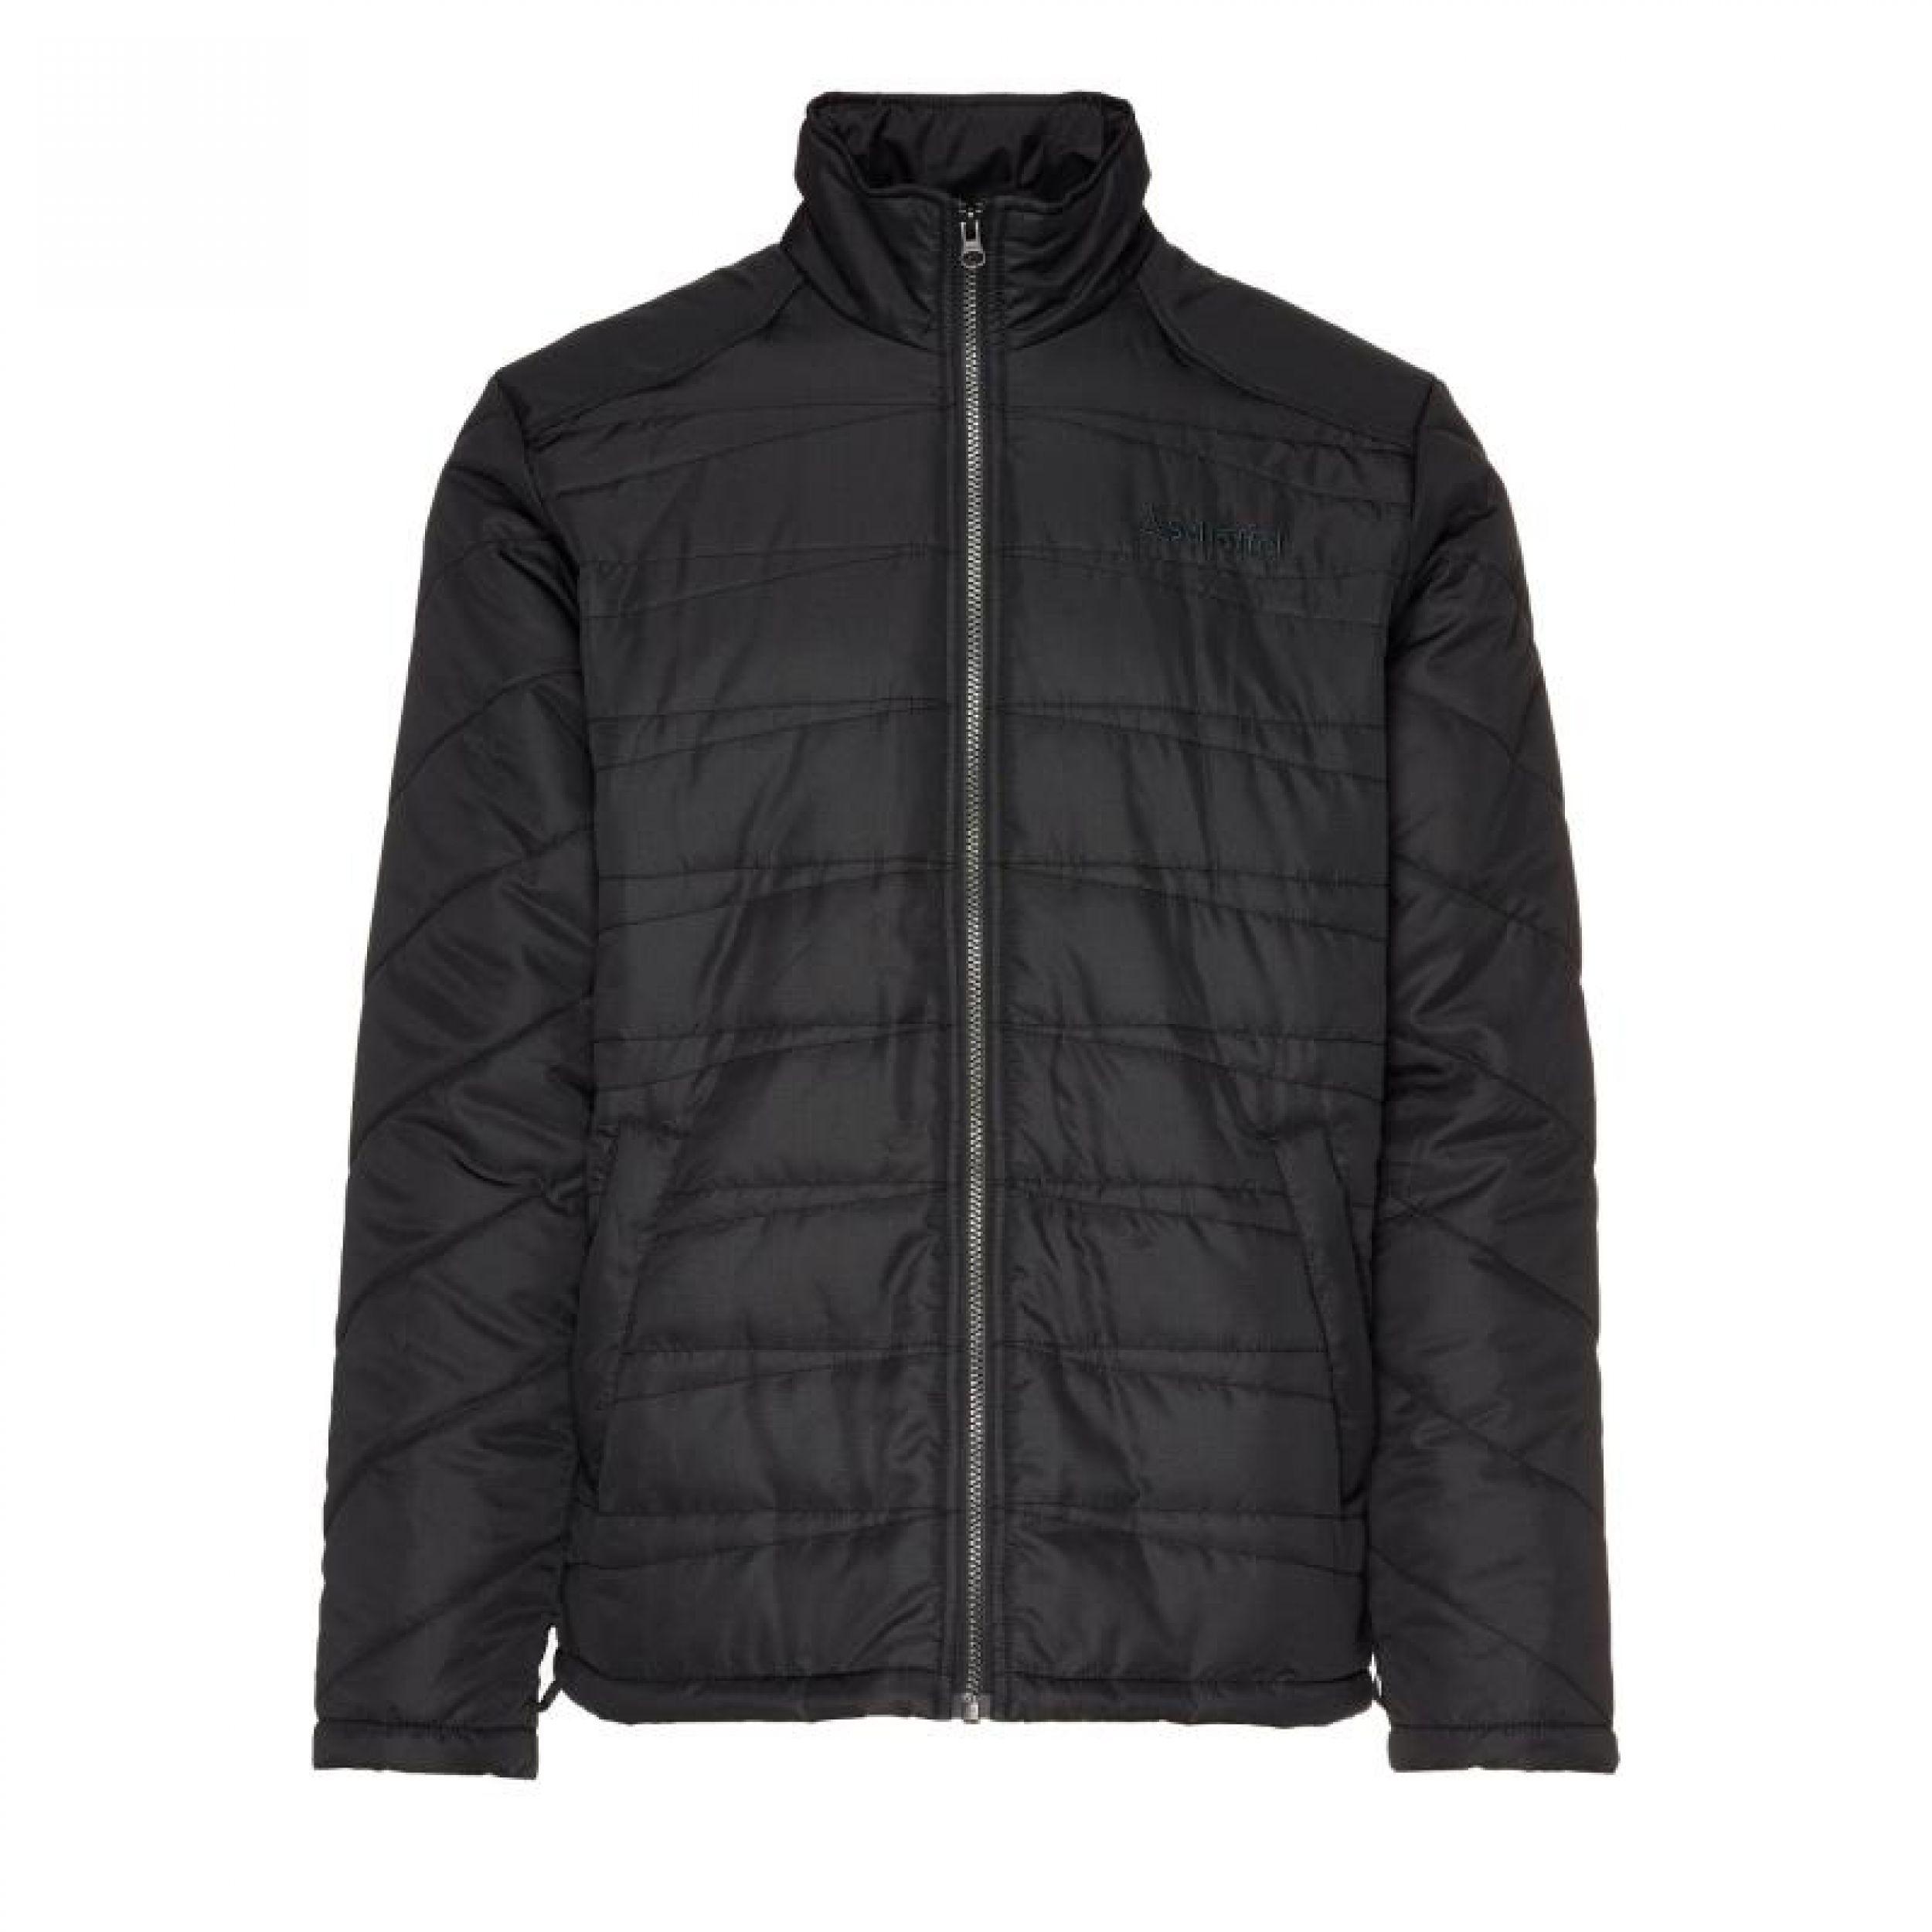 279686004_n_3in1_jacket_shenandoa_schoeffel.jpg